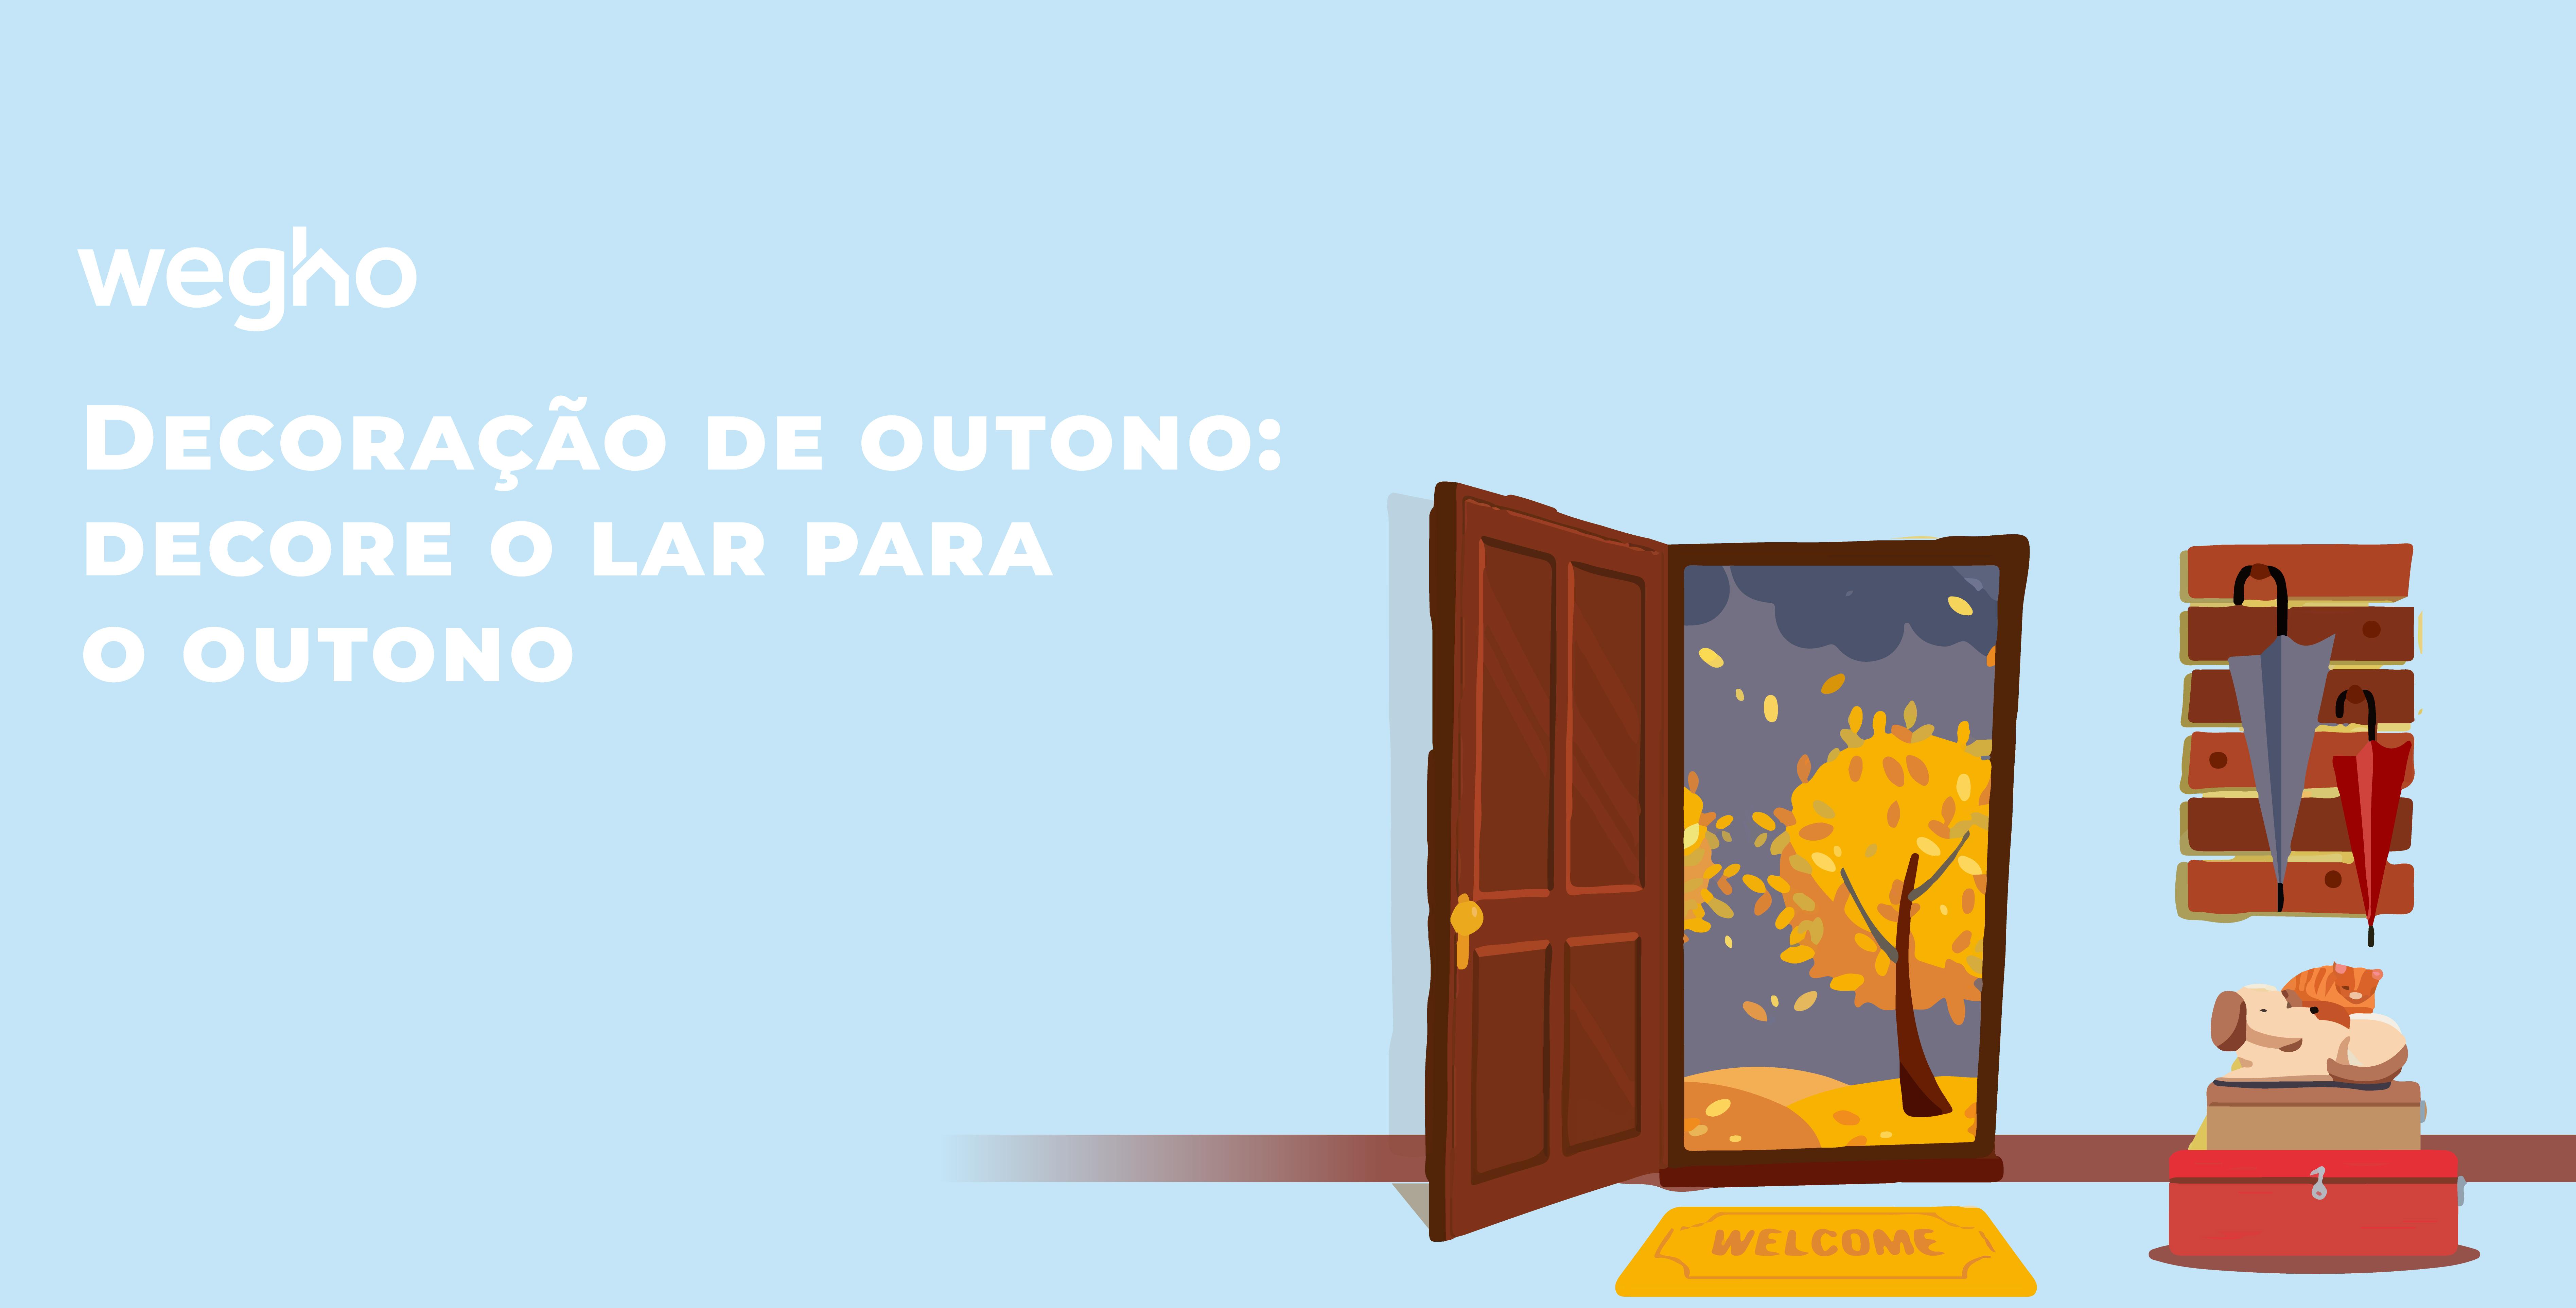 Decoração de outono - decore o lar para o outono - decor - decoração - decoração de outono - dicas de decoração - handyman - Wegho